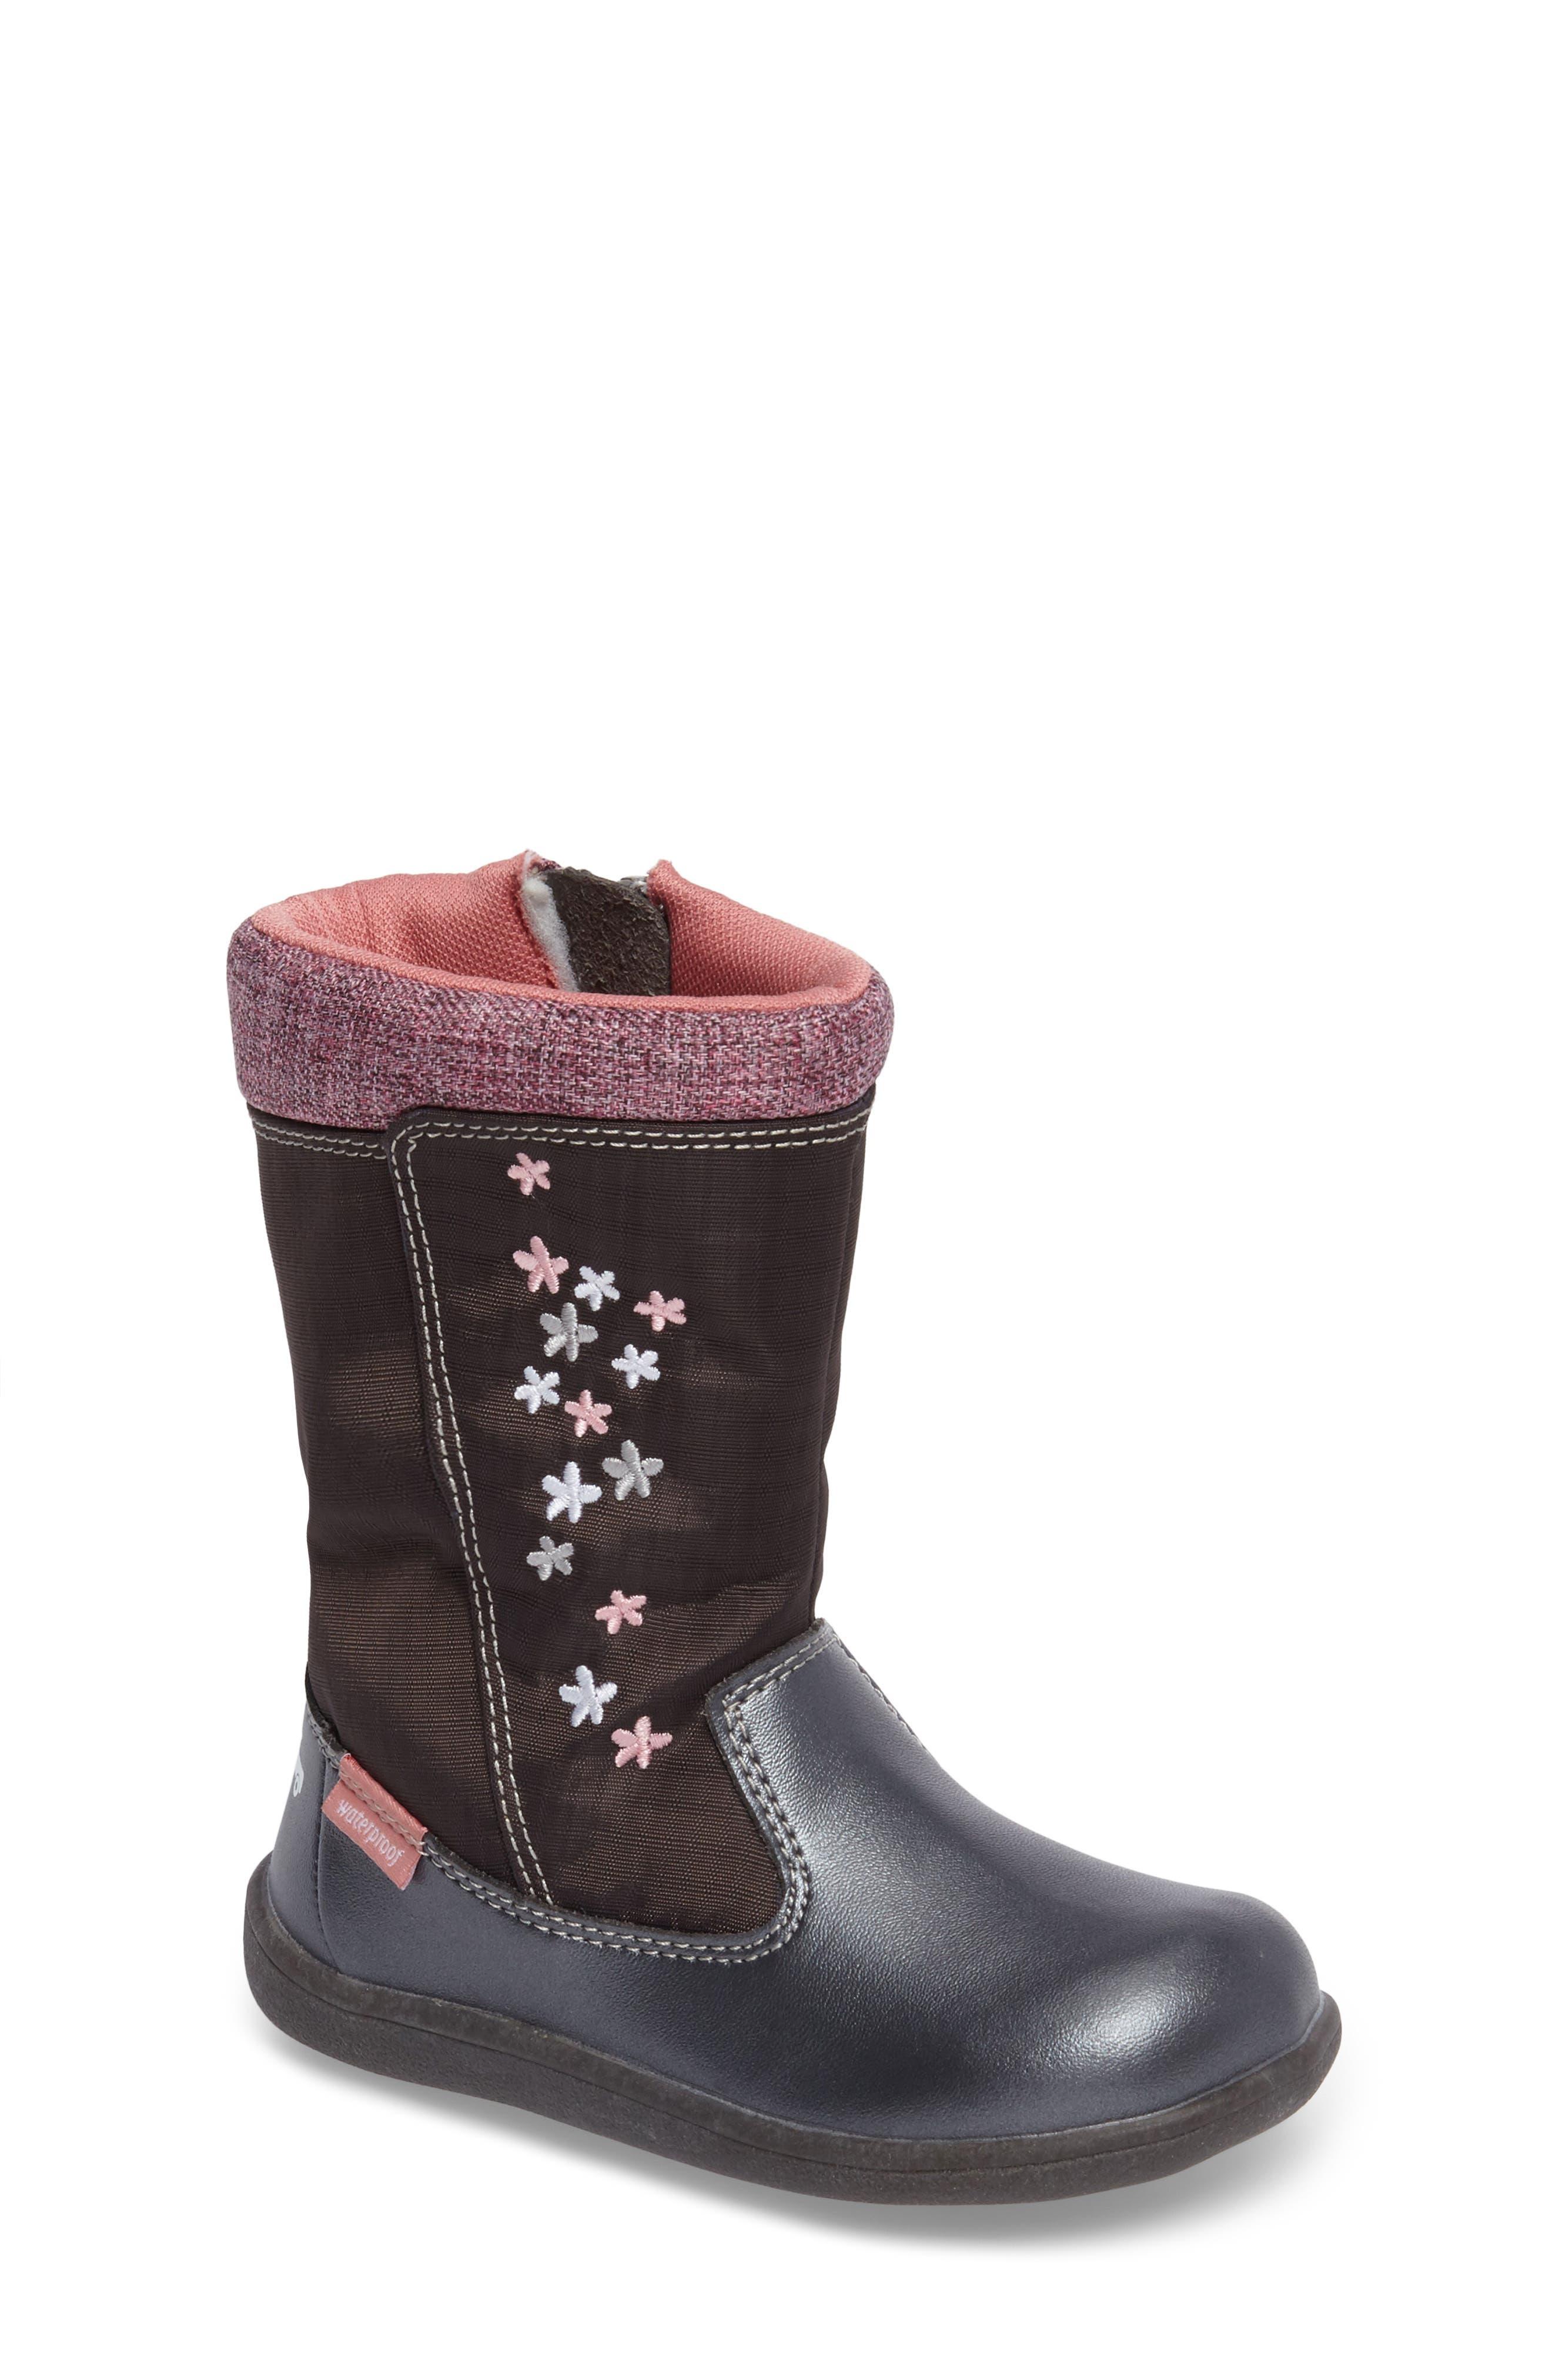 Alternate Image 1 Selected - See Kai Run 'Hallie' Waterproof Boot (Baby, Walker & Toddler)